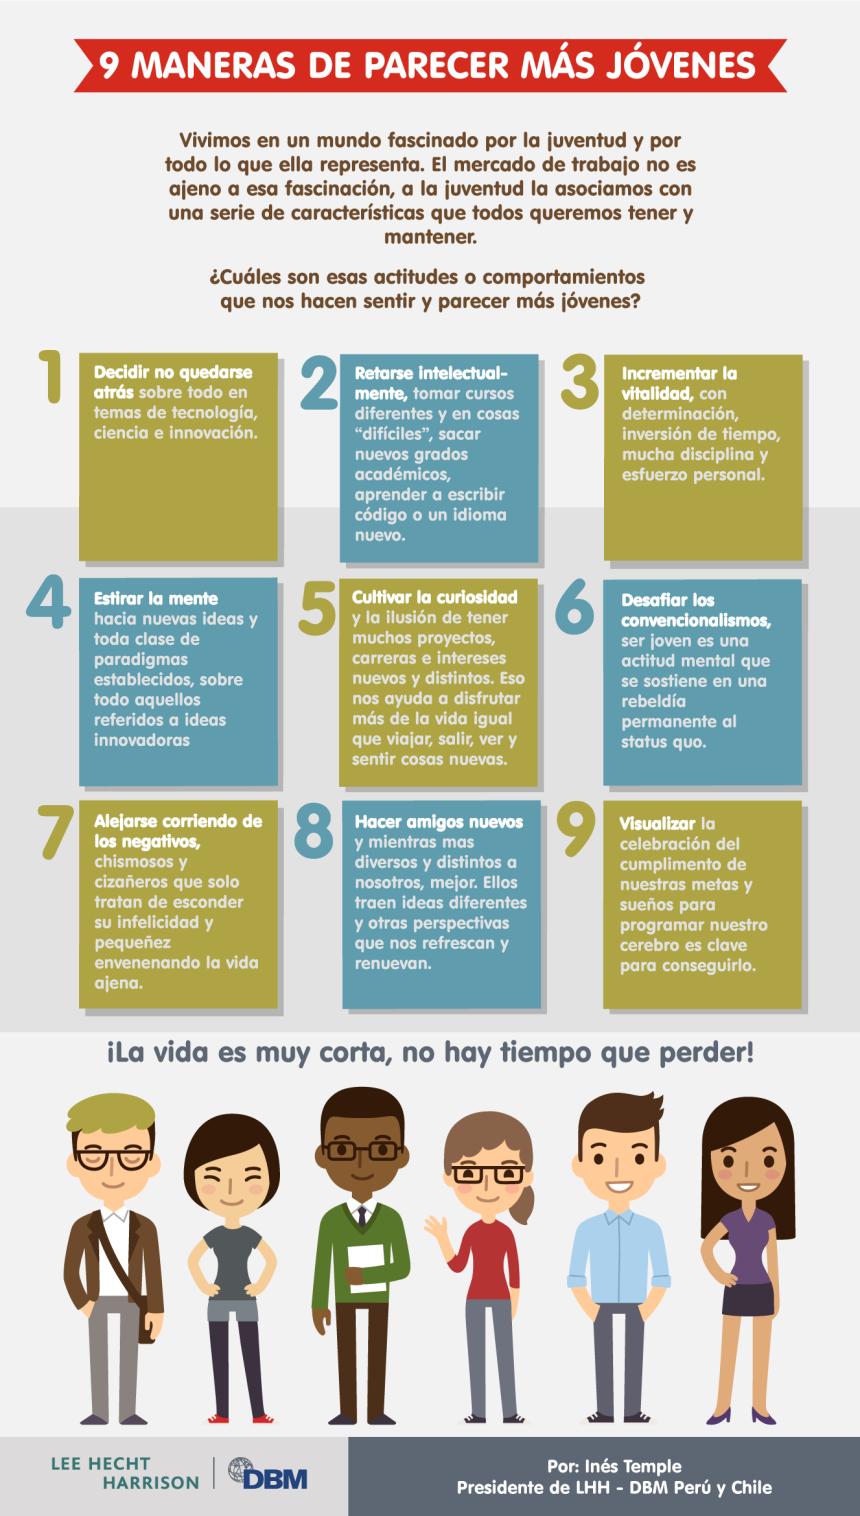 9 formas de parecer más jóvenes